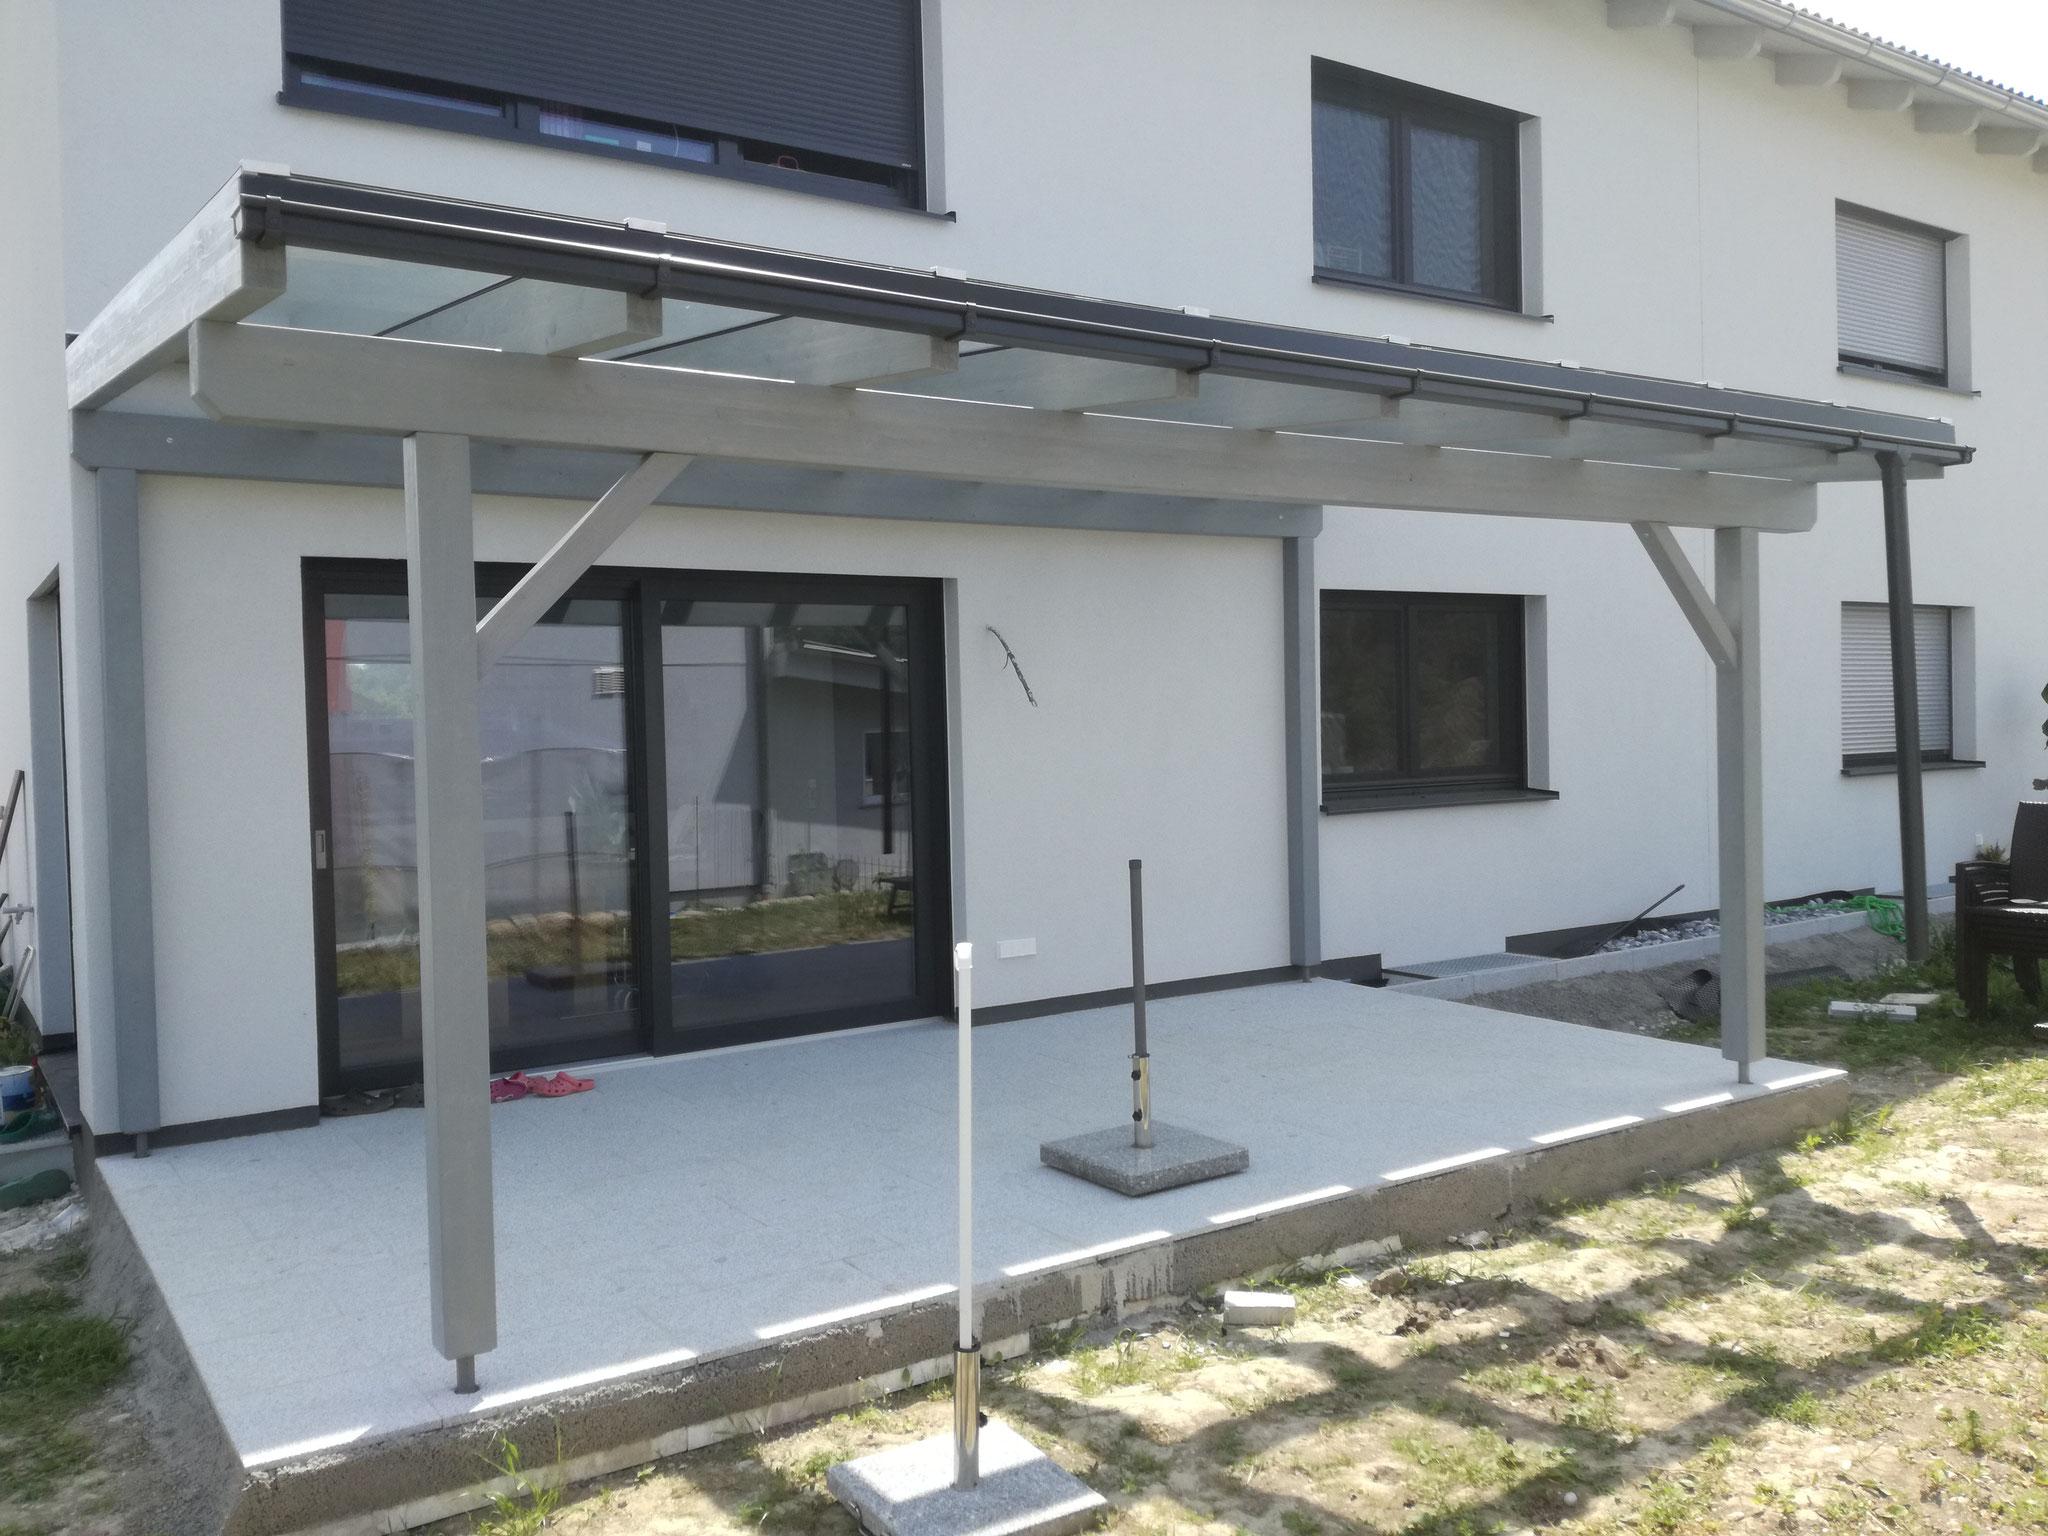 Terrassenüberdachung mit Glaseindeckung Farbton RAL 7001